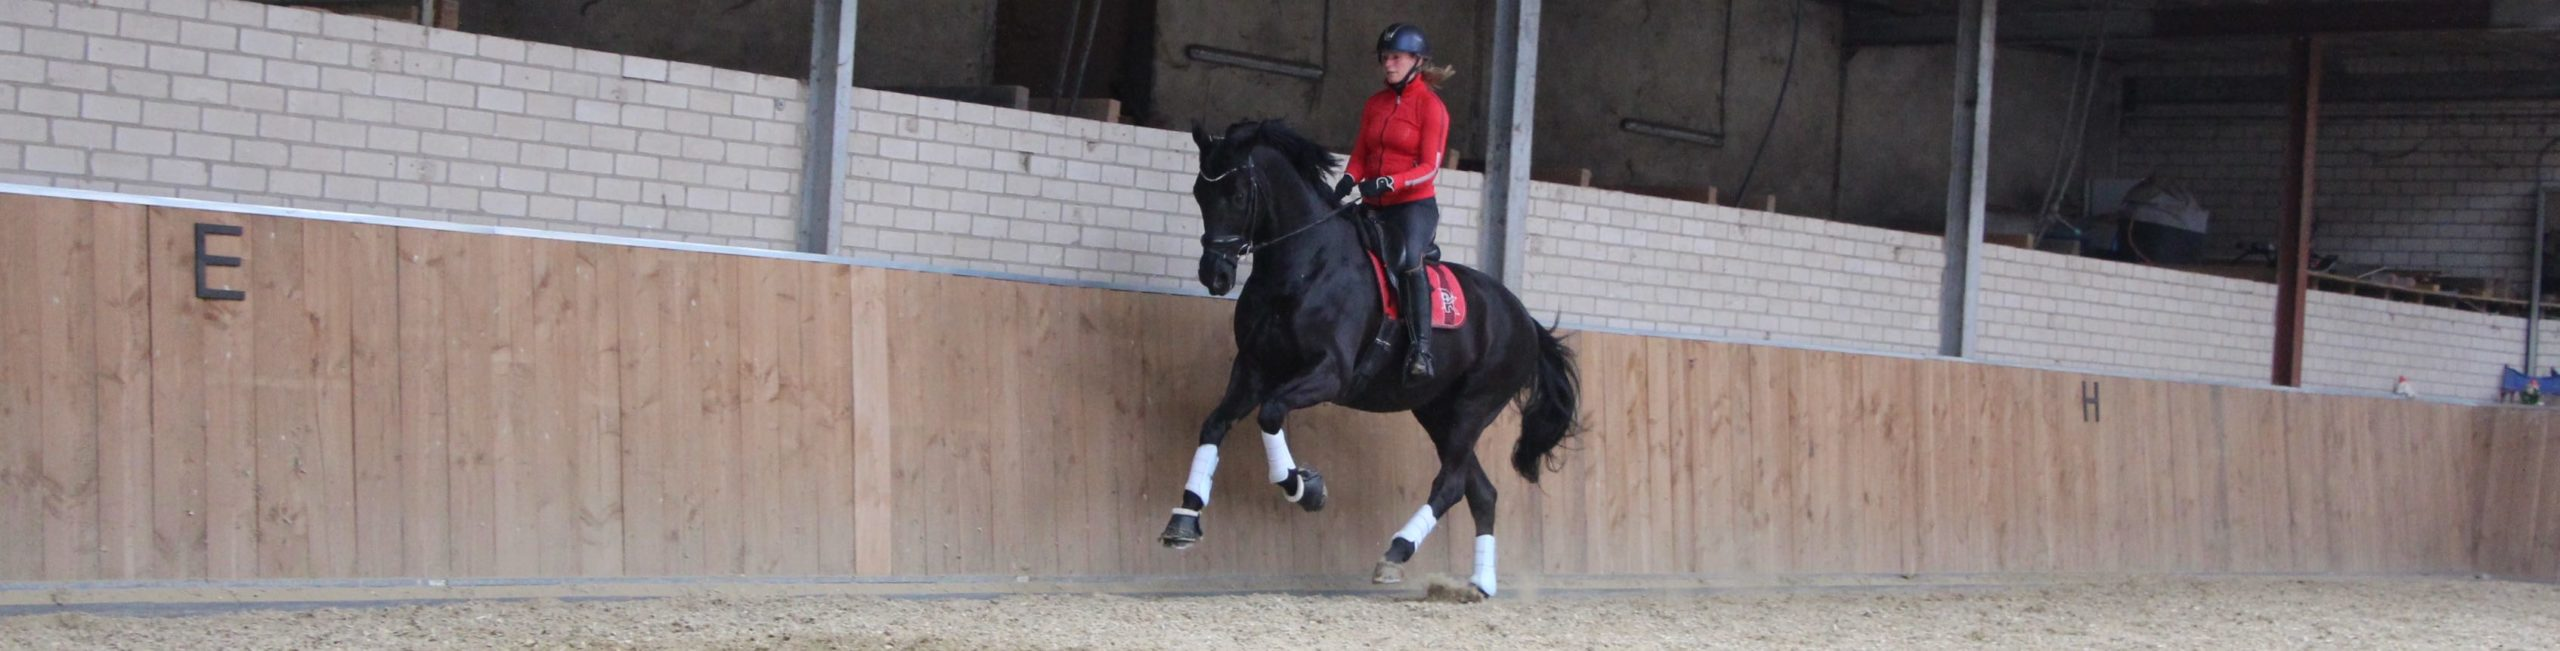 paard reageert niet op hulpen